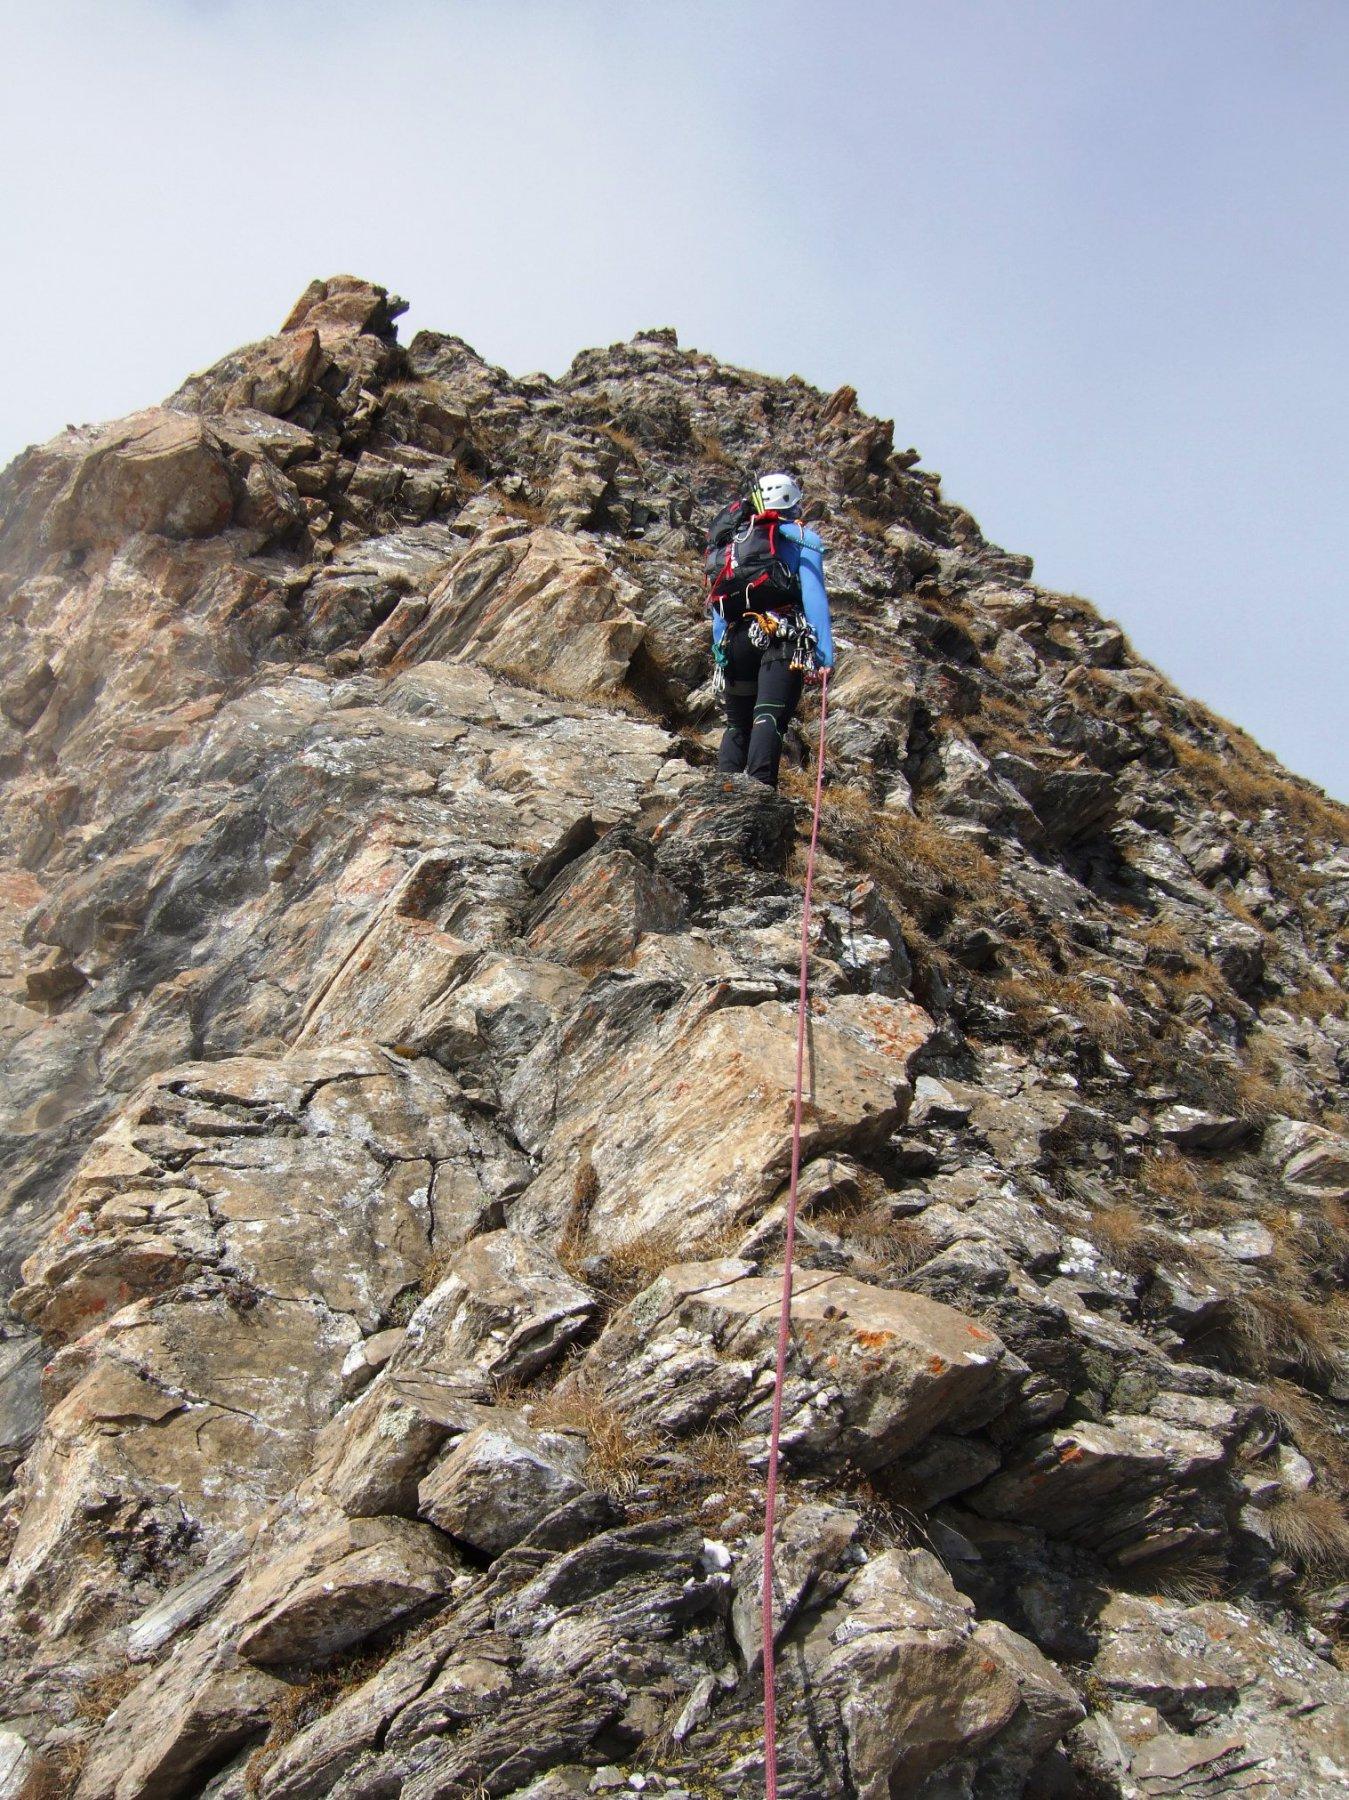 seconda parte di cresta, facile ma con roccia più dubbia